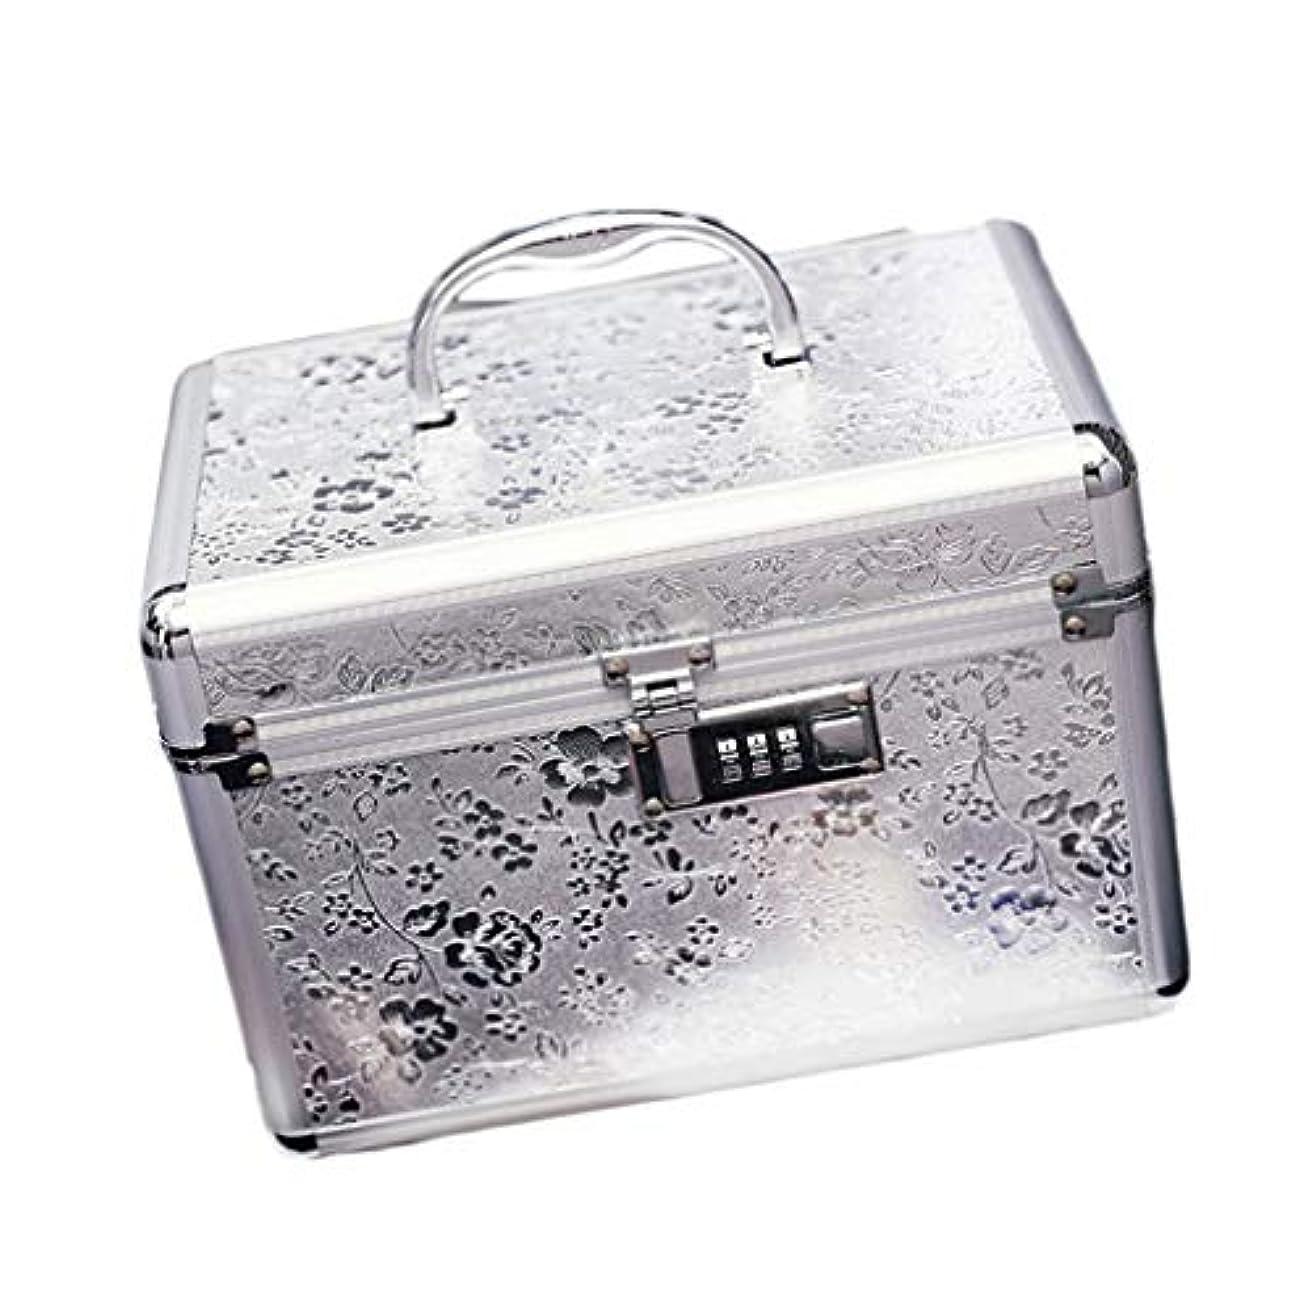 疎外する傑作関税コスメボックス 25.5*17.5*17 メイクボックス トレンチケース 鏡付き かわいい 収納ケース ビューティー 用品 化粧品入れ ネイル 小物入れ シルバー ピンク ベージュ 大容量 メイクボックス 鍵付き 収納